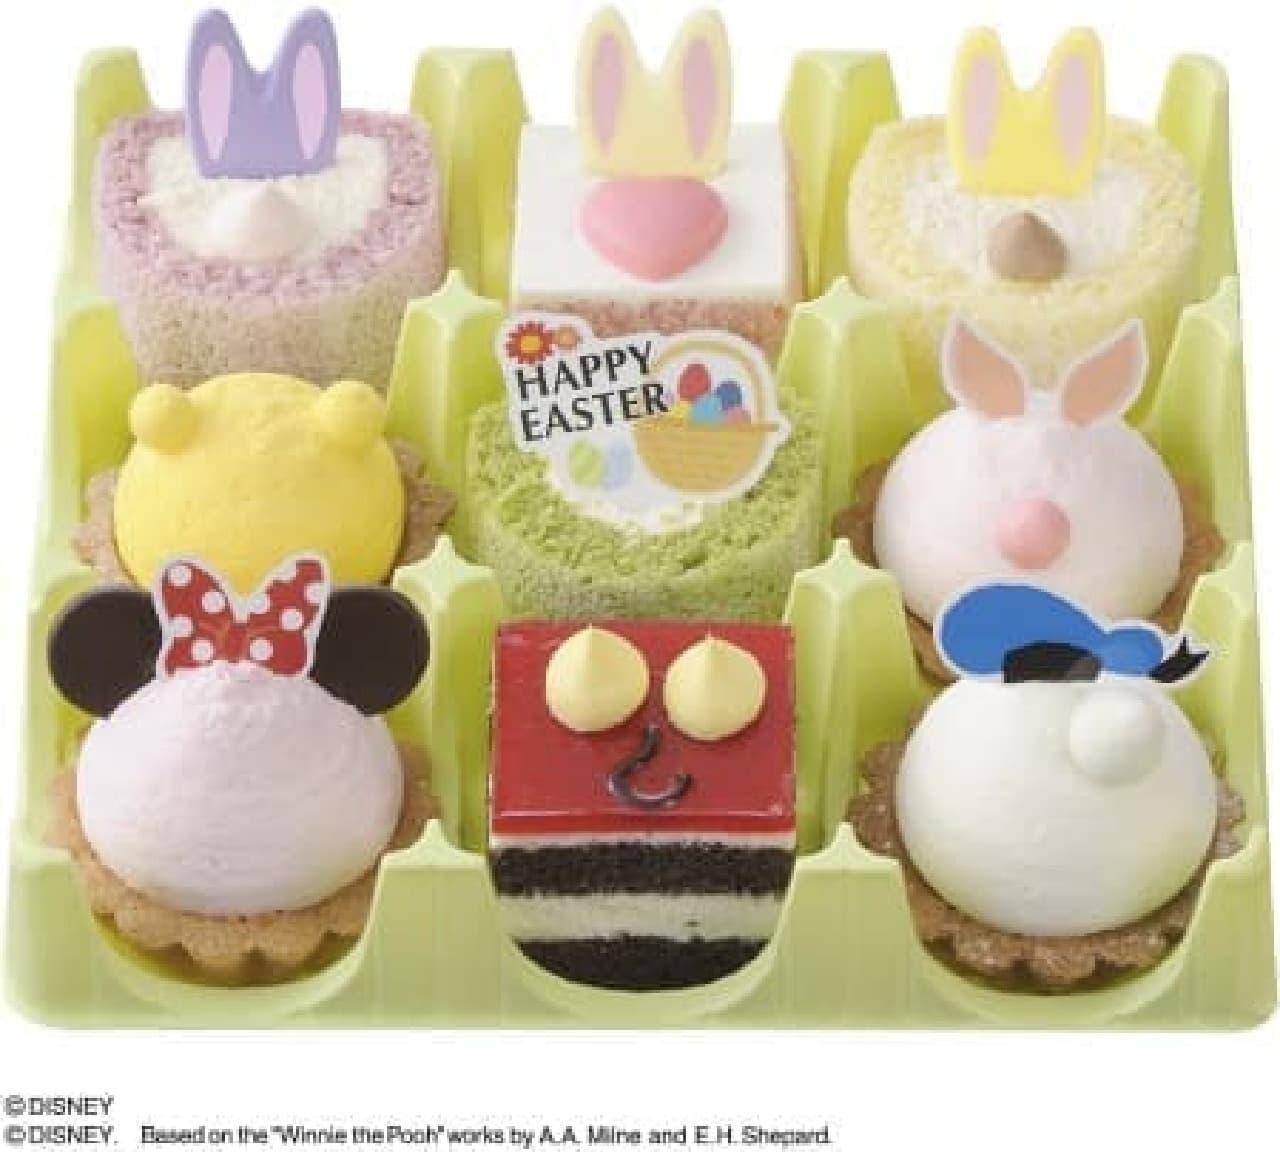 どのケーキがどのキャラクターかわかるかな?